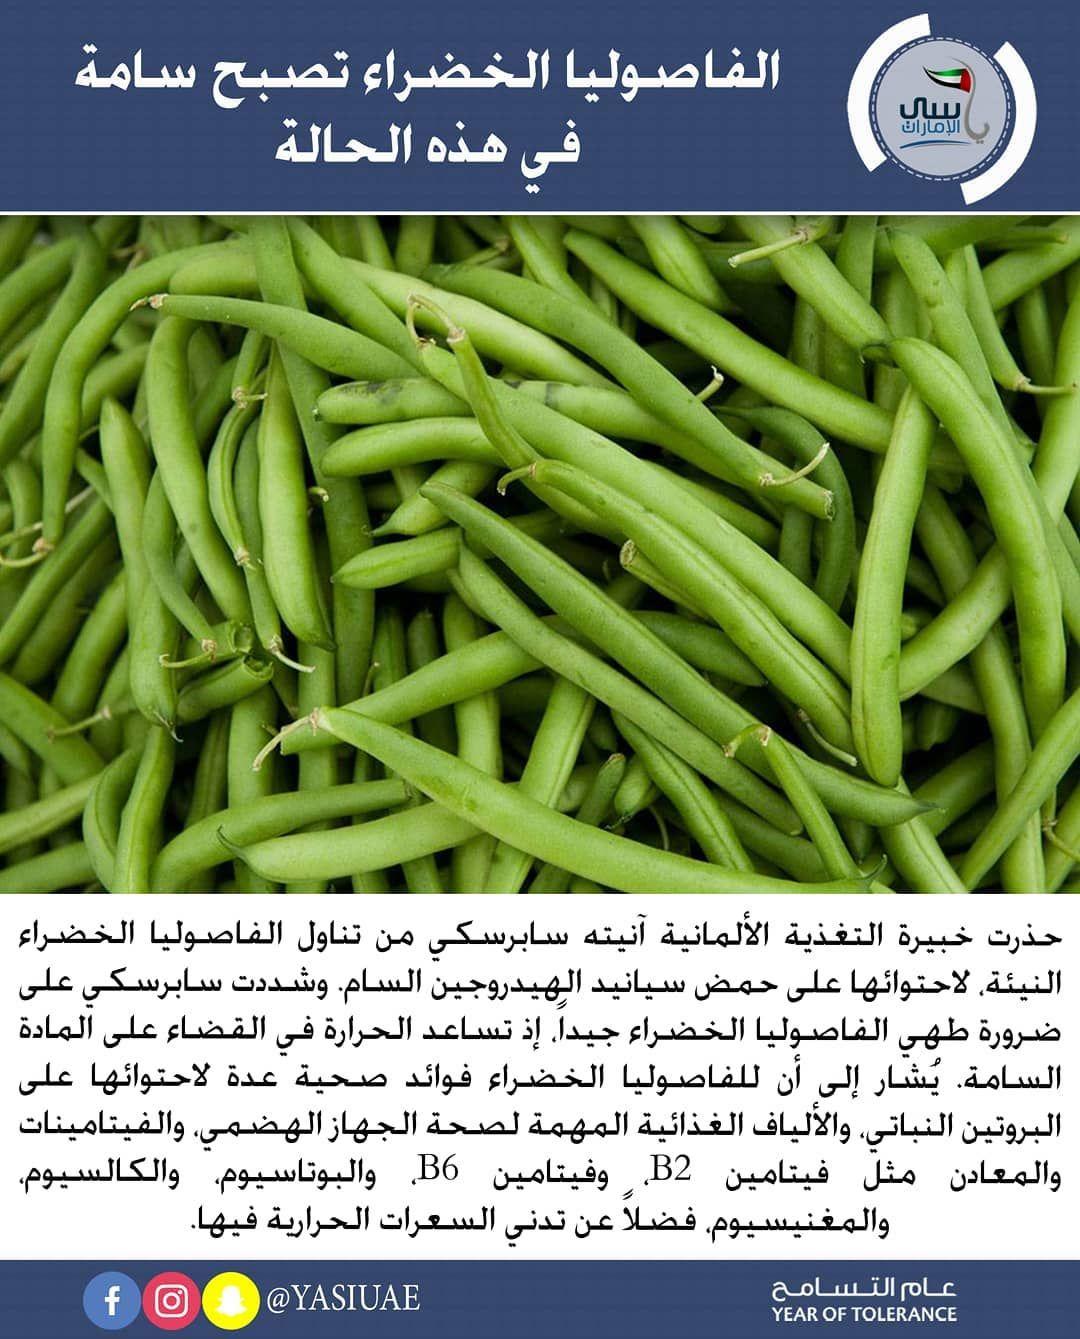 معلومات صحية الفاصوليا الخضراء تصبح سامة في هذه الحالة حذرت خبيرة التغذية الألمانية آنيته سابرسكي من تناول الفاصوليا الخضراء ال Green Beans Vegetables Beans